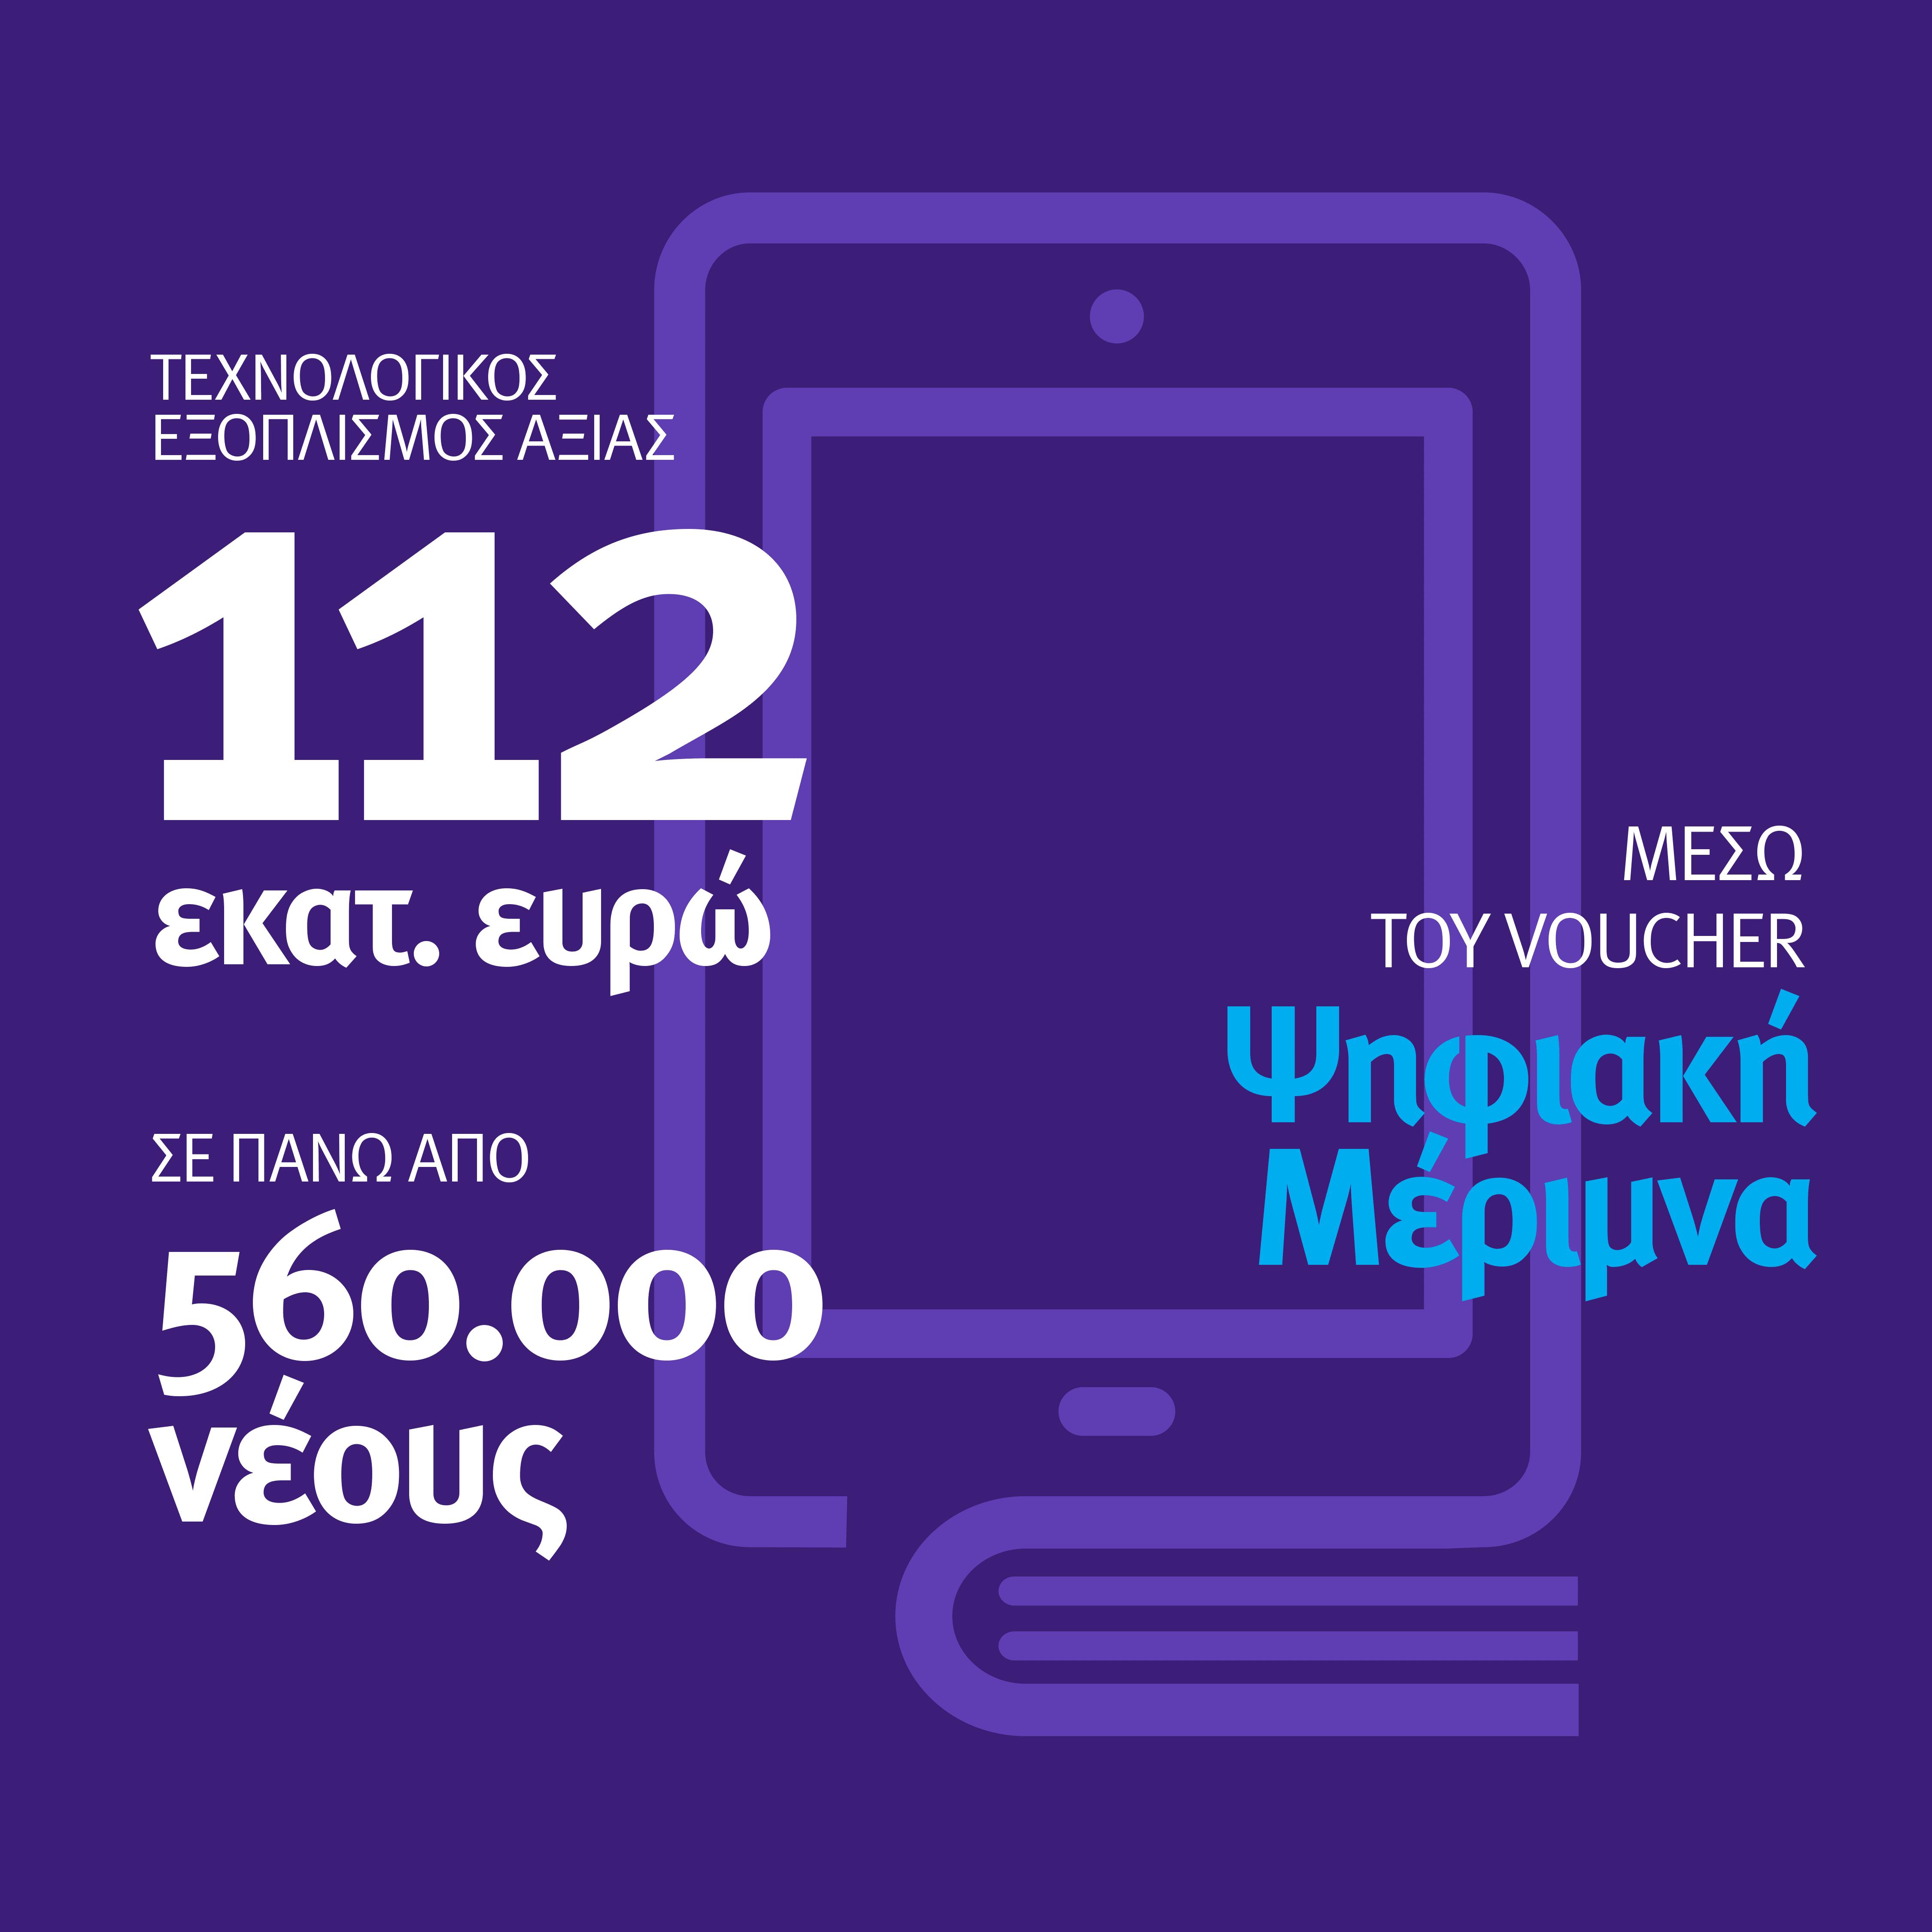 Τεχνολογικός εξοπλισμός ύψους 112 εκατ. ευρώ σε 560.000 νέους μέσω voucher